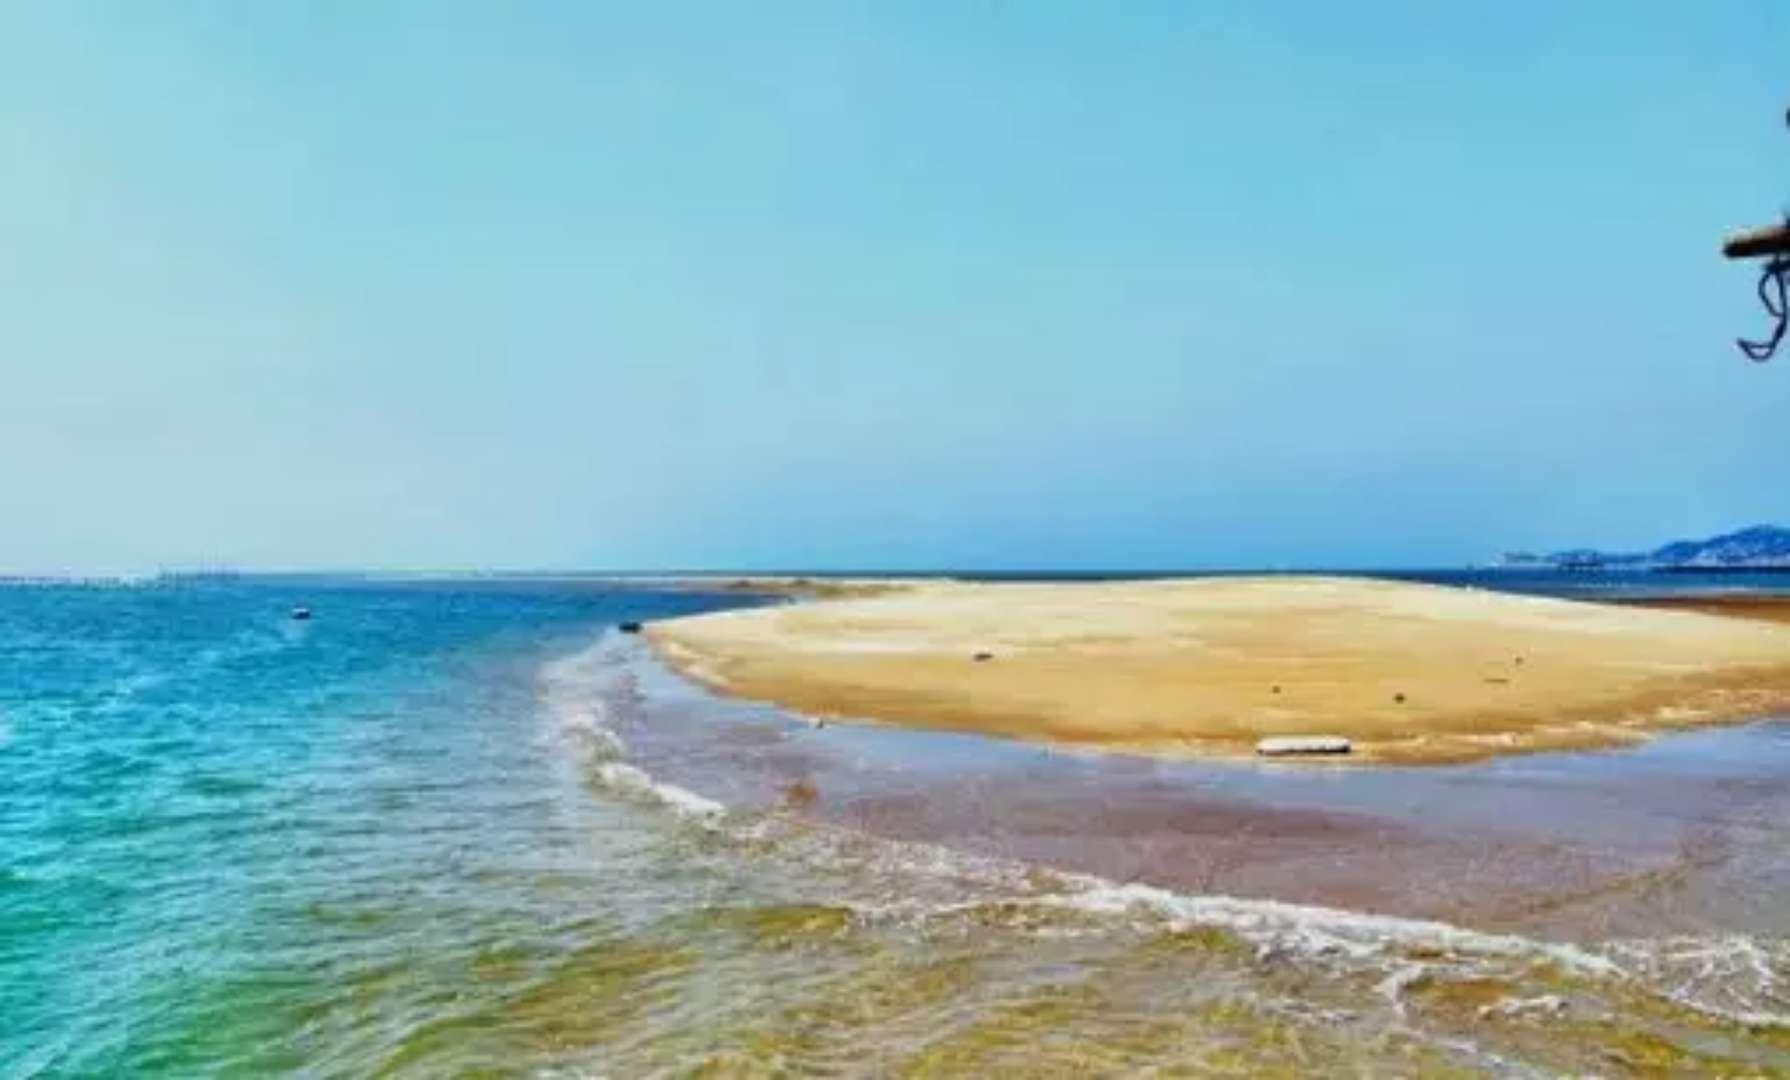 漳州东山岛出海渔民体验船票/渔排基地观光/撒网捕鱼